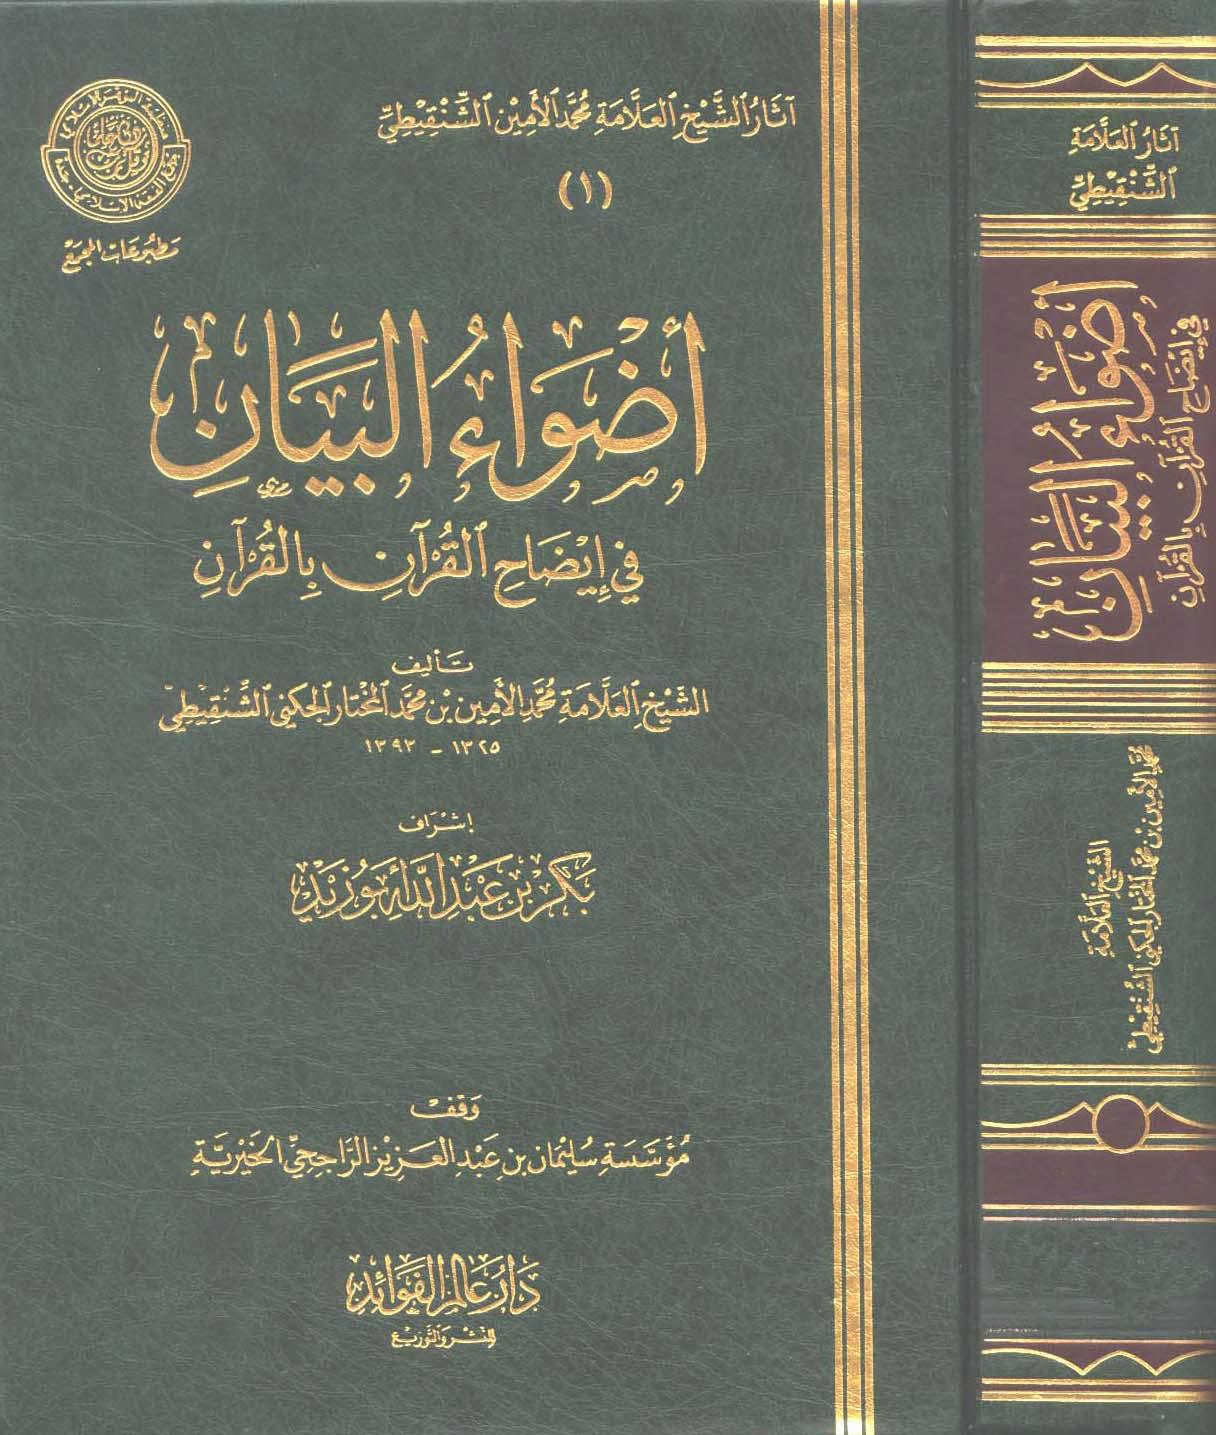 تحميل كتاب أضواء البيان في إيضاح القرآن بالقرآن لـِ: الشيخ محمد الأمين بن محمد المختار بن عبد القادر الجكني الشنقيطي (ت 1393)